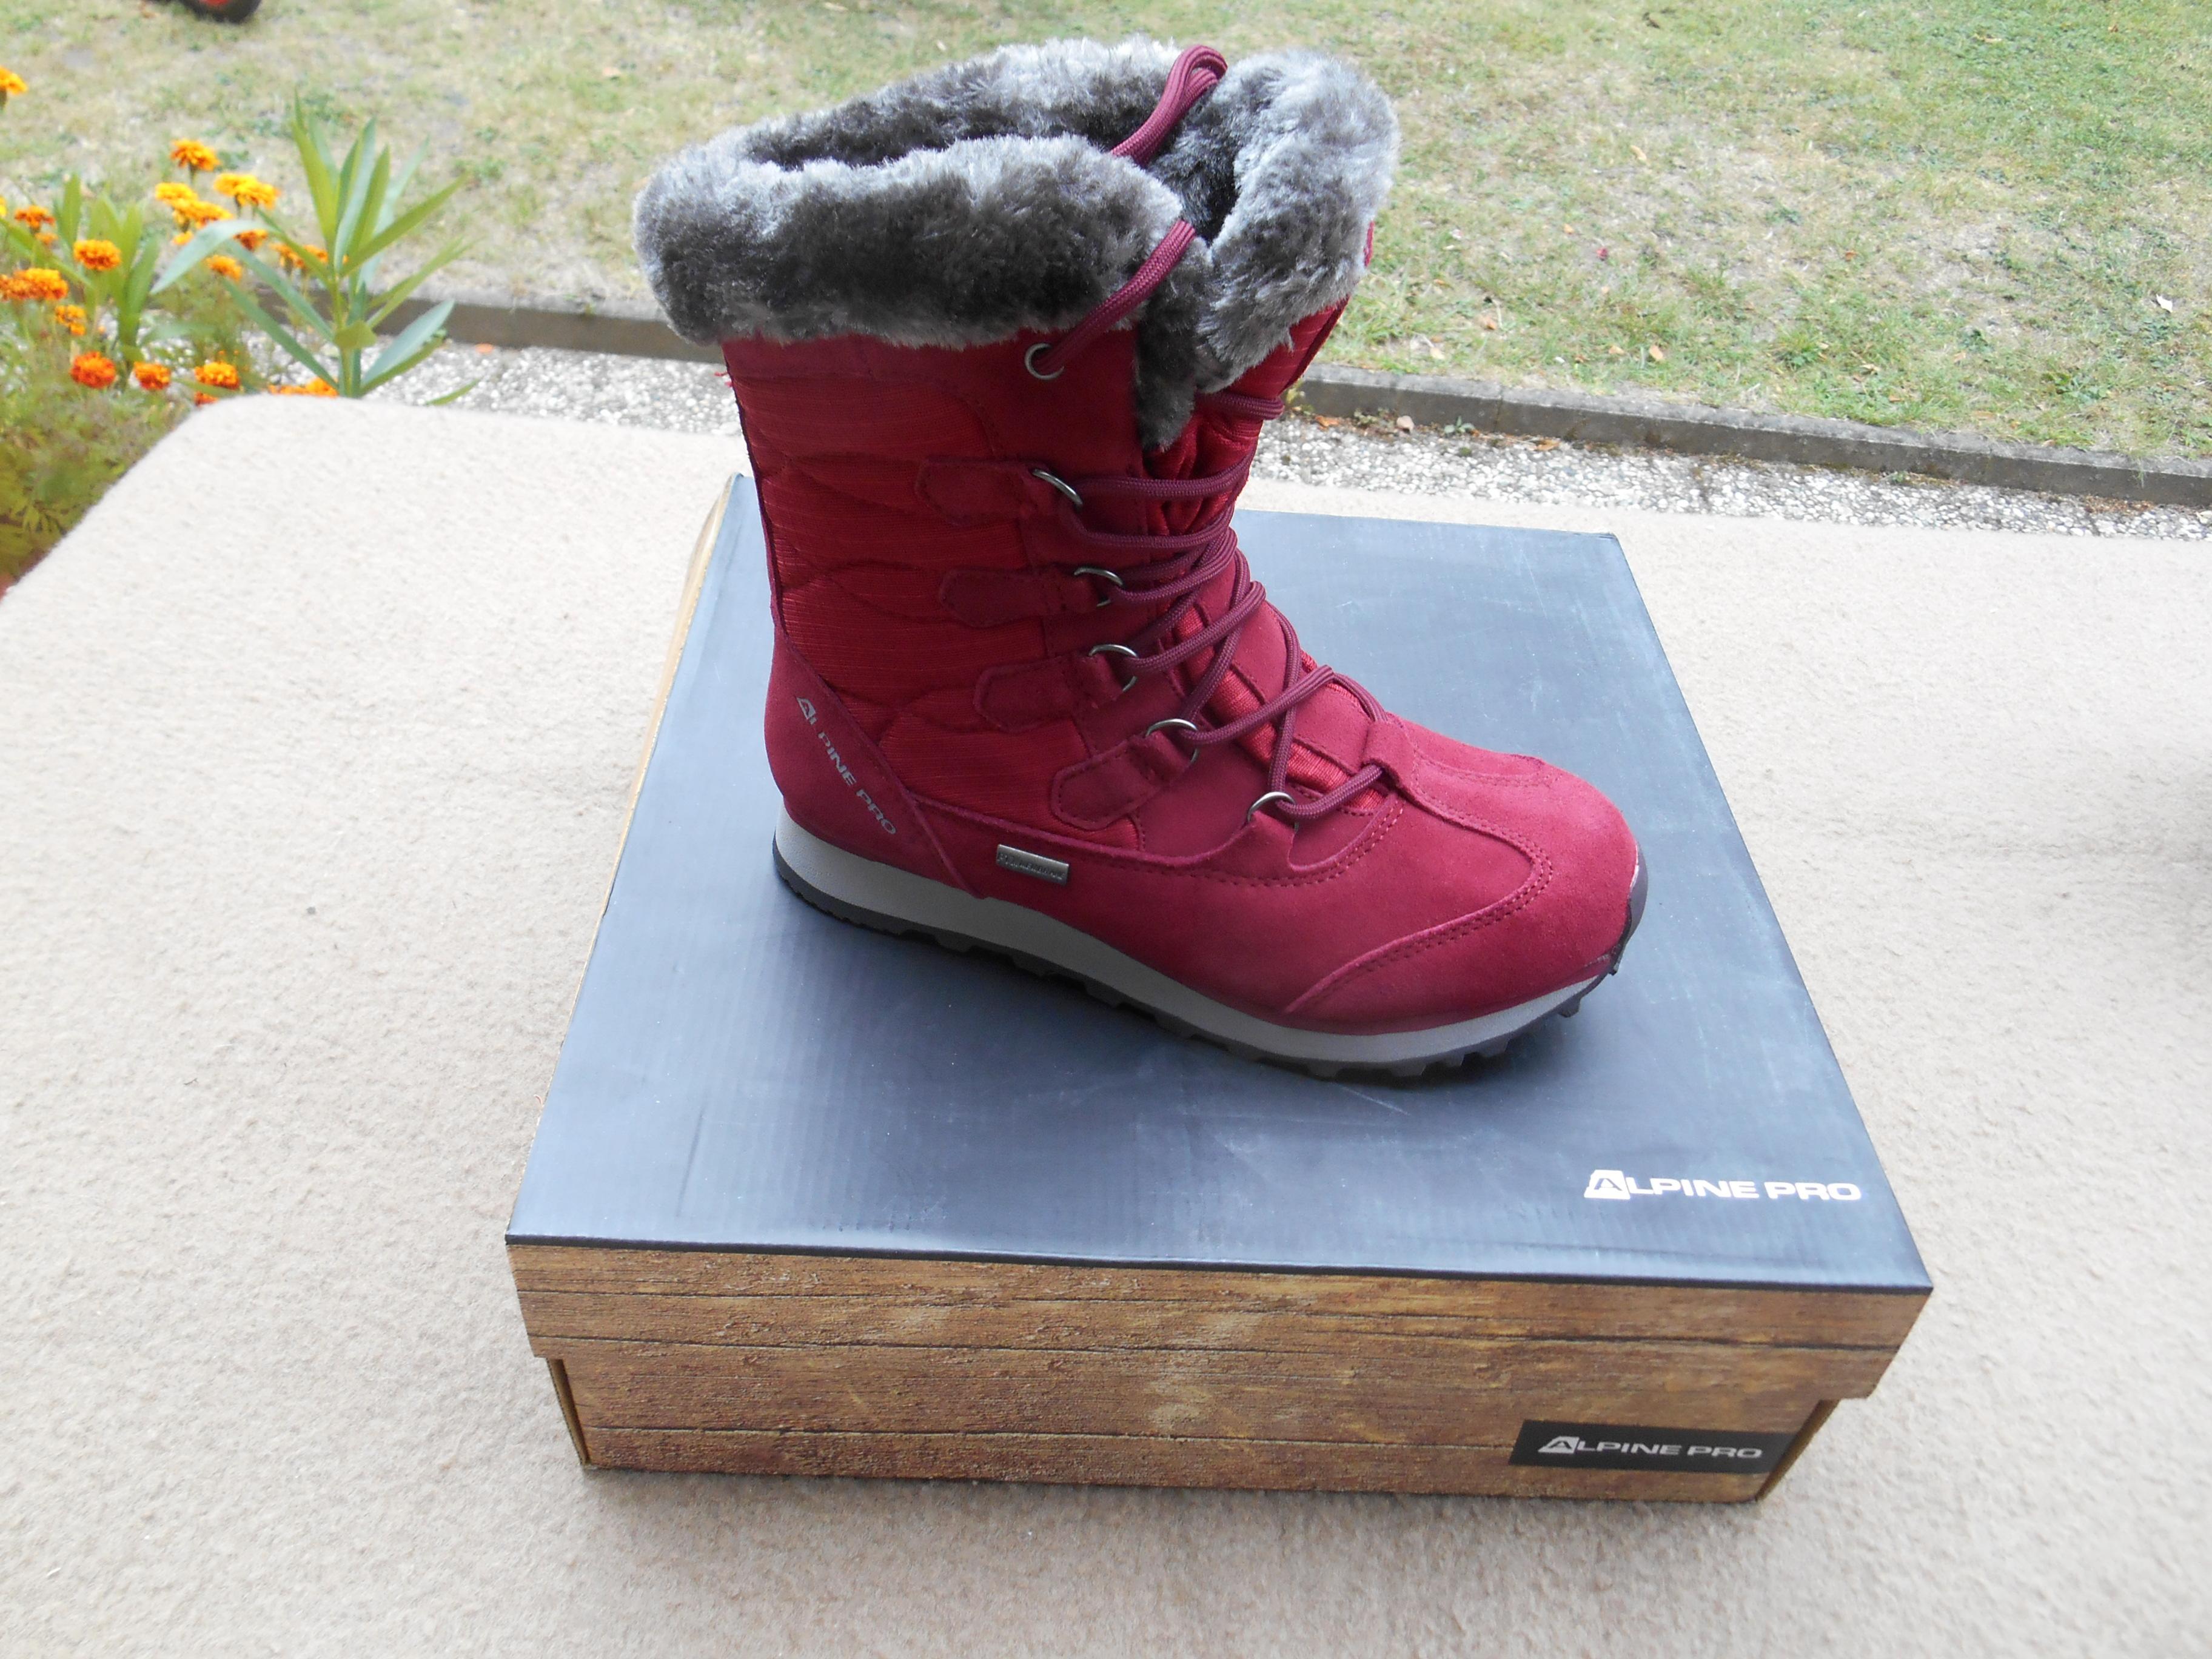 Nové zimní kožené boty zn.  ALPINE - vel. 36  28629416a9